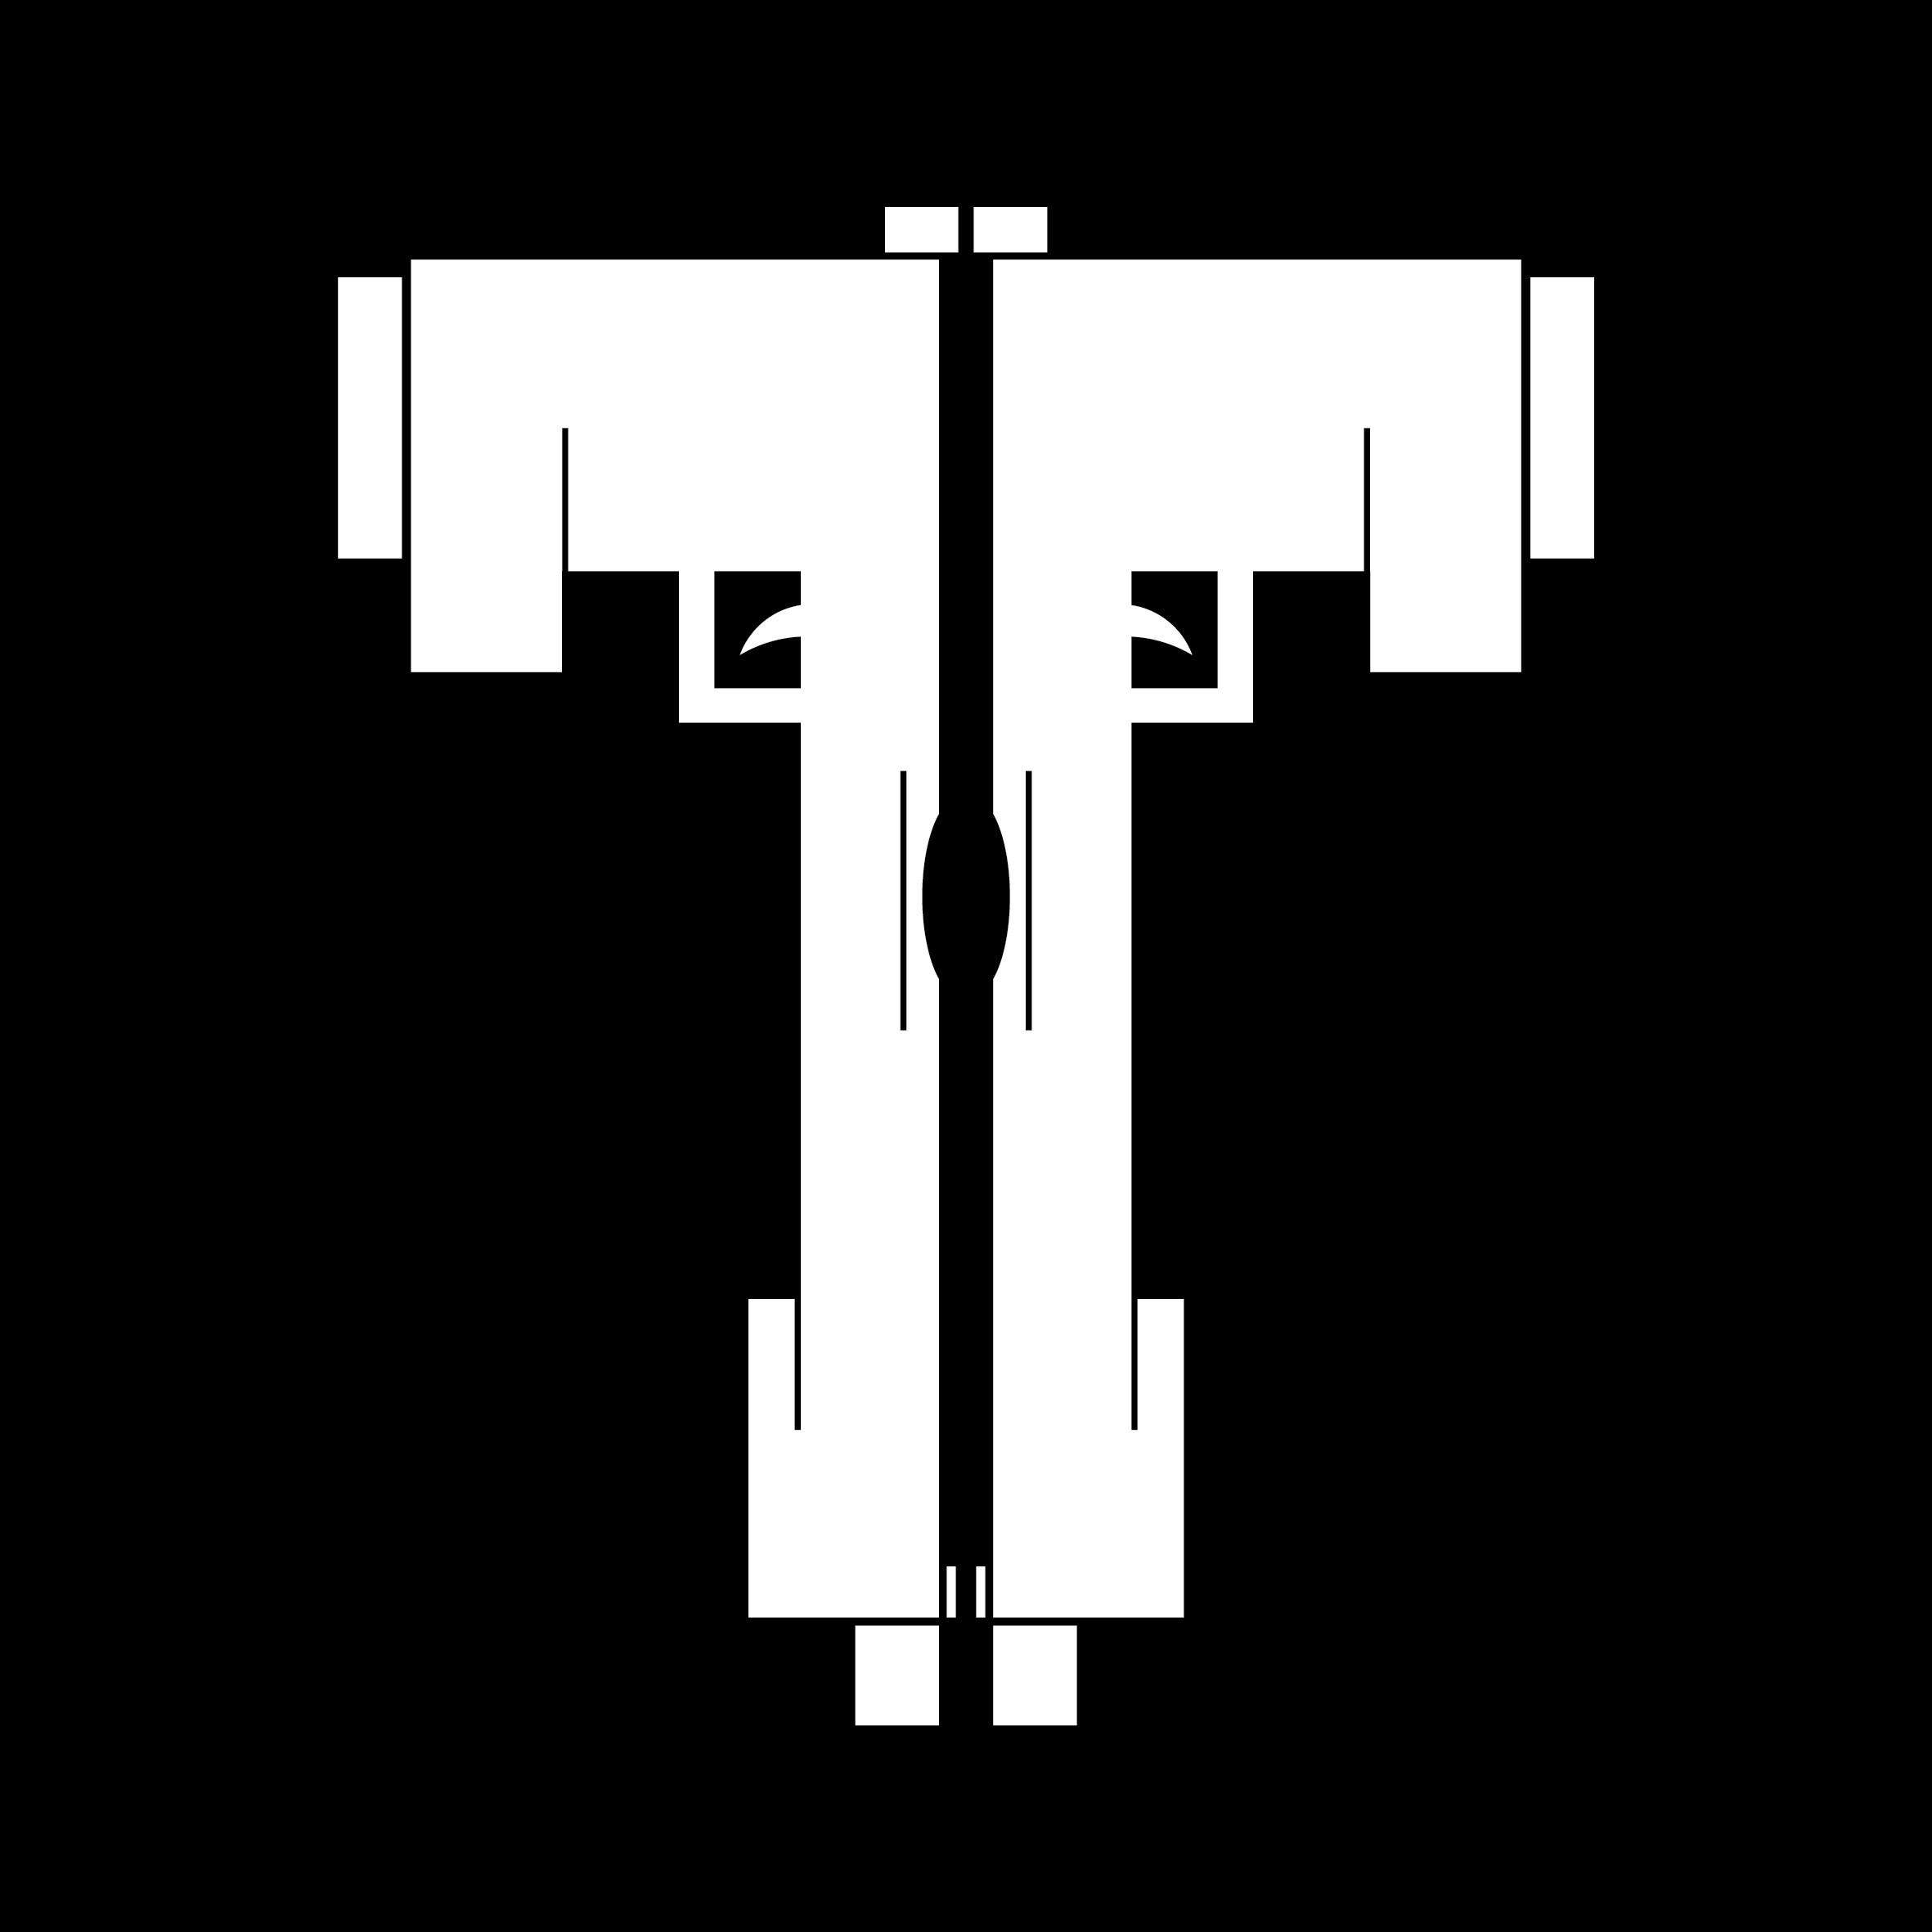 TFORTIT